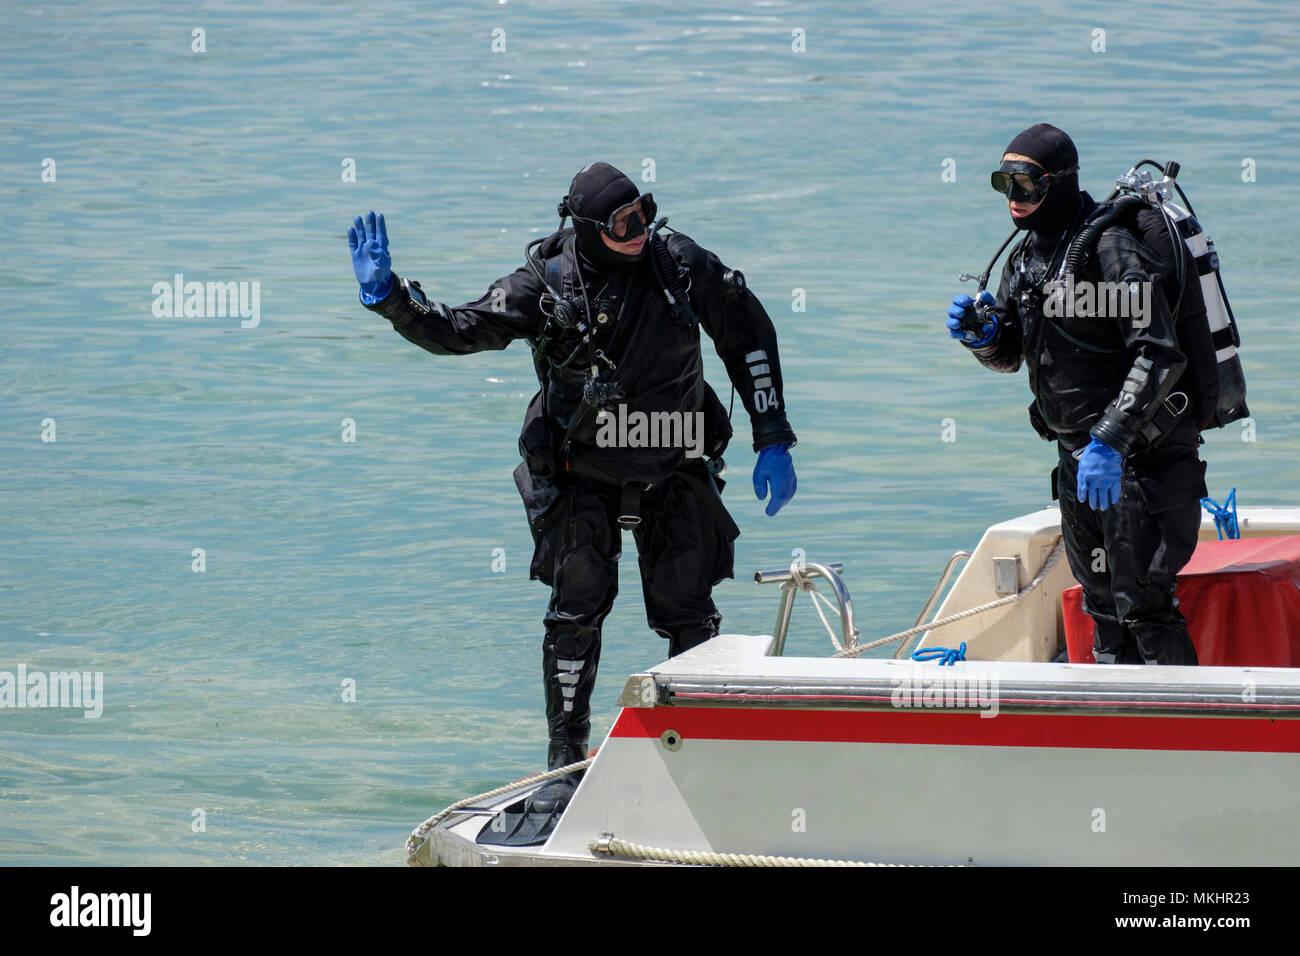 Deux plongeurs dans l'équipement de plongée complet sur un bateau Photo Stock